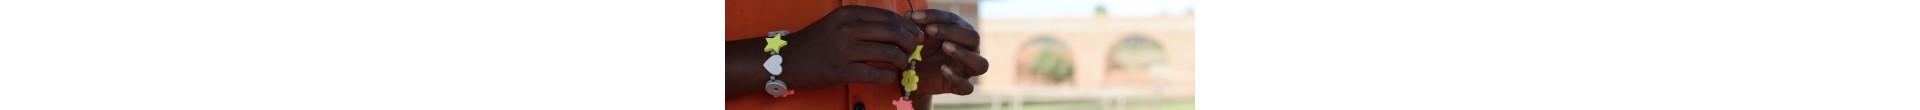 Armband till förmån för trafiksäkerhet i tredje världen